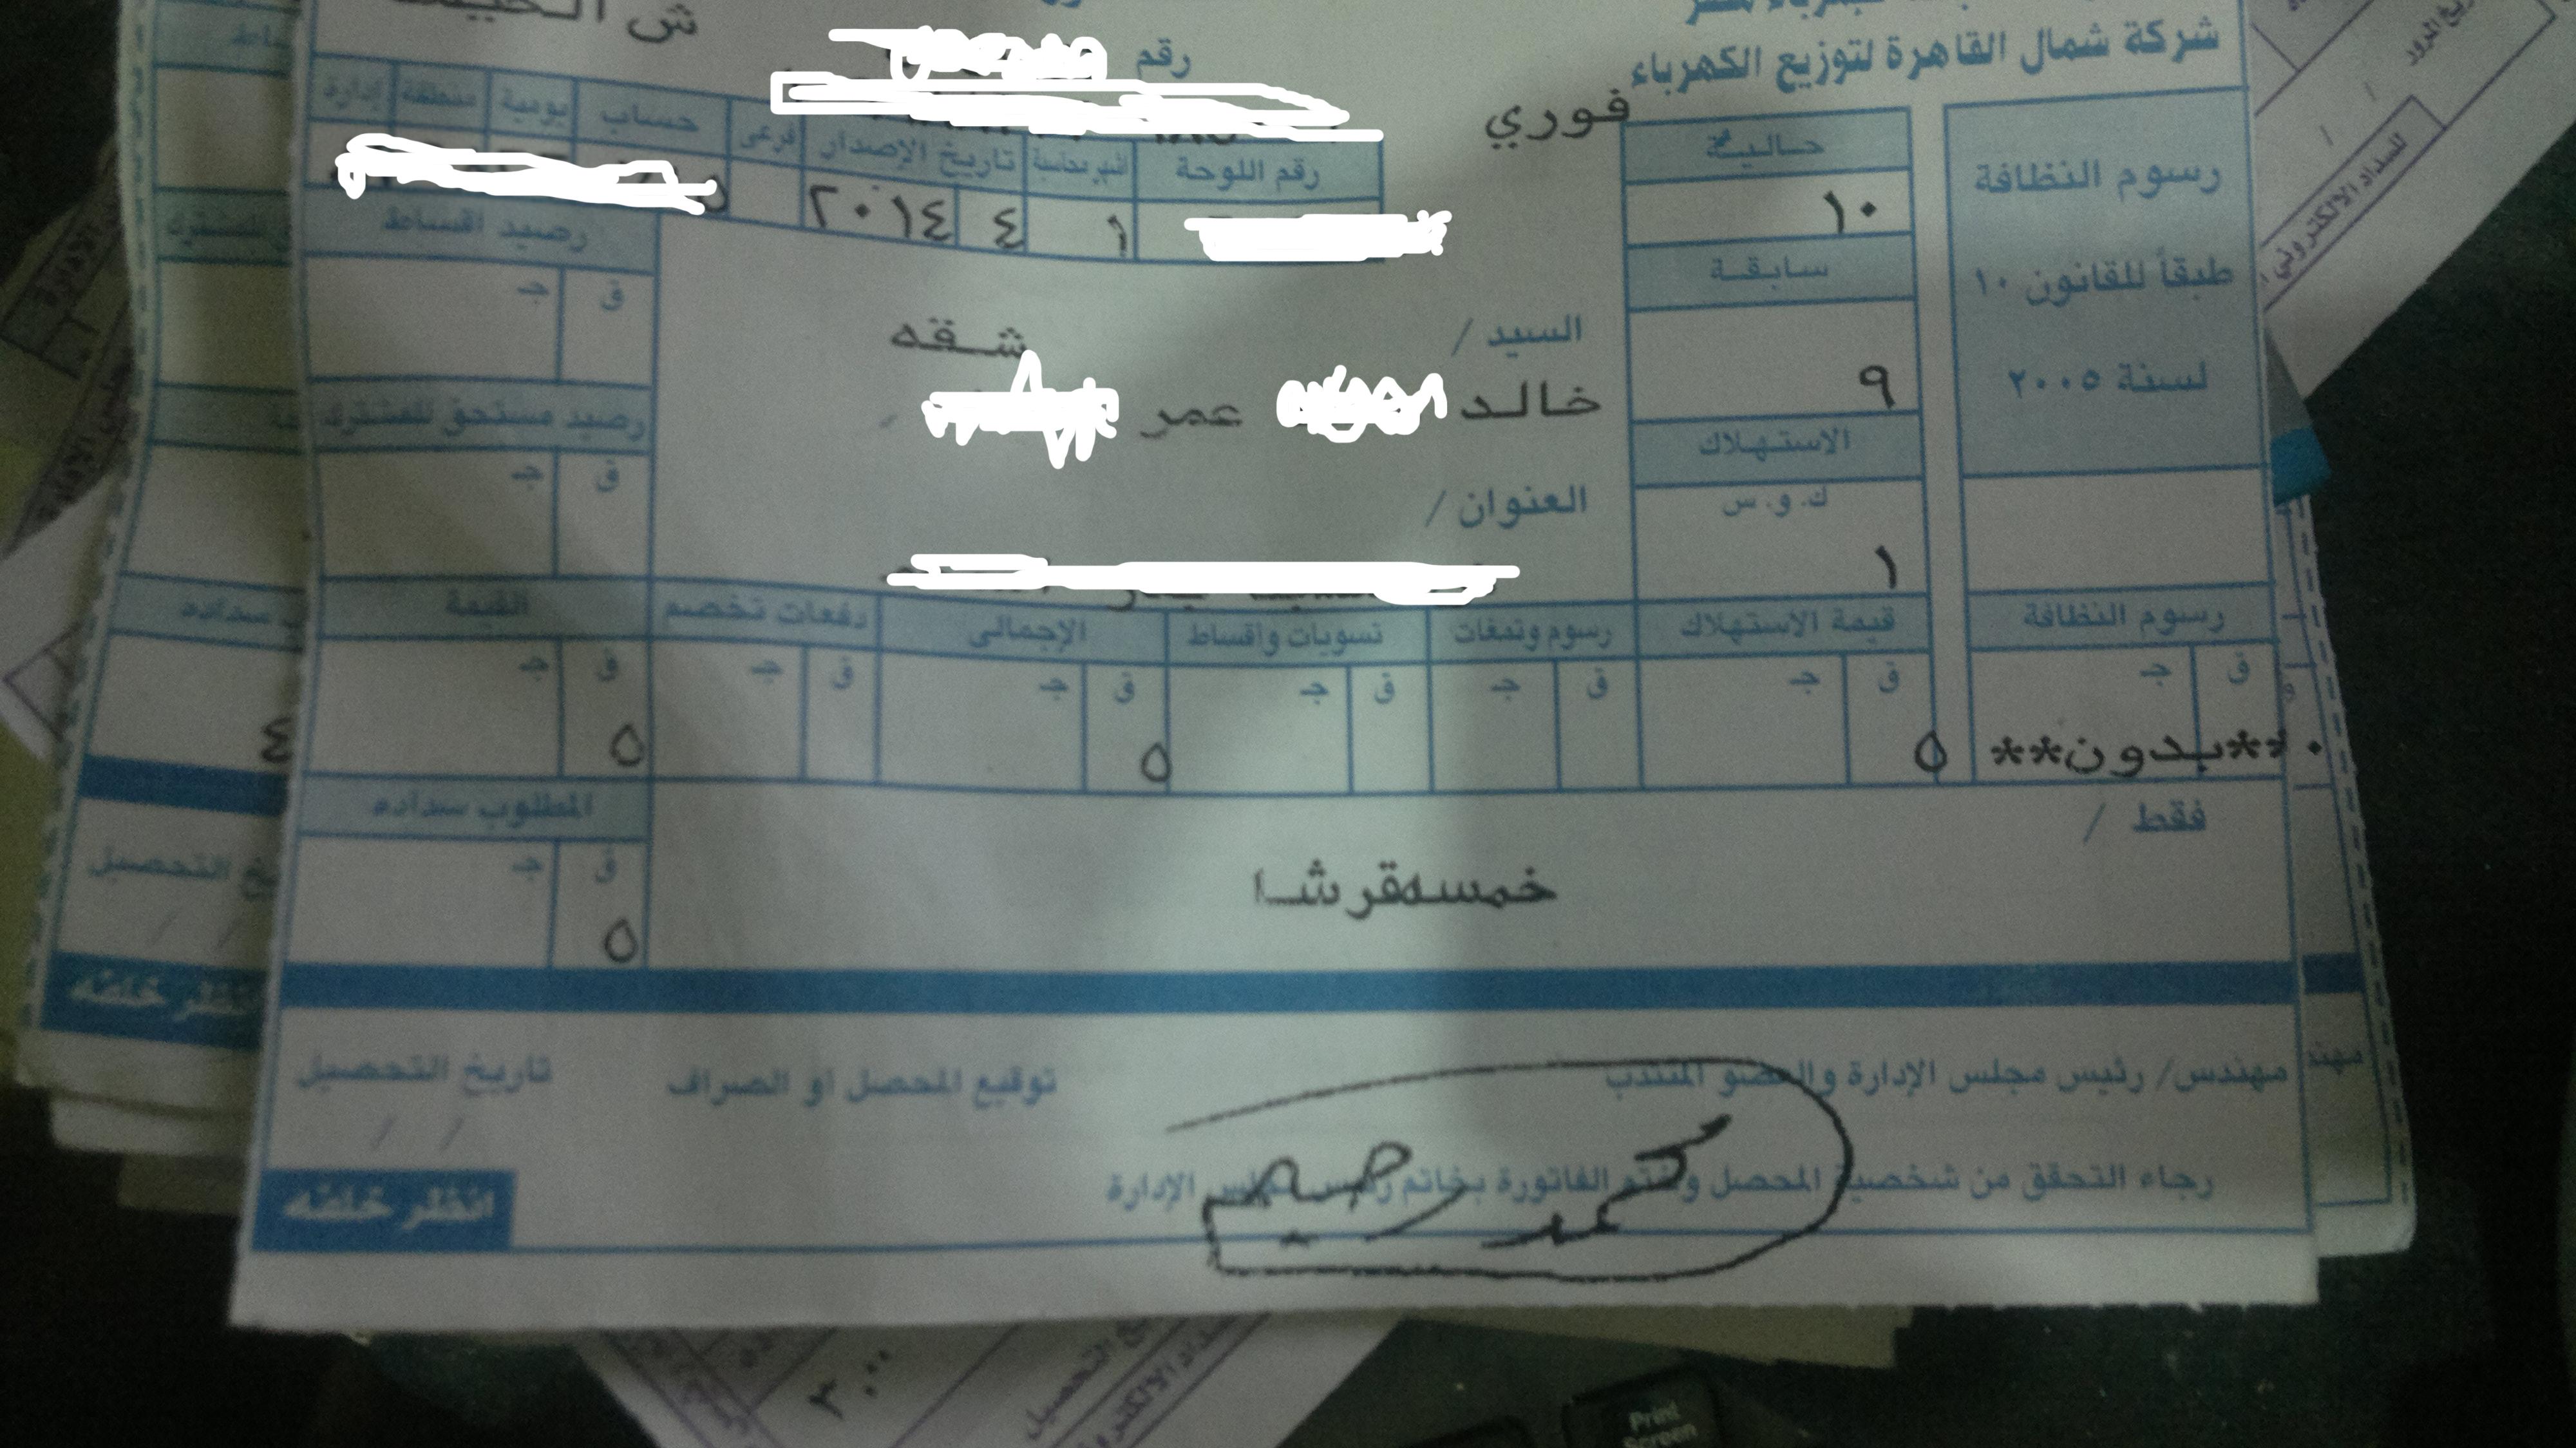 للمرة الأولى في تاريخ «الكهرباء».. الوزارة تحرر فاتورة لمواطن قيمتها «5 قروش»